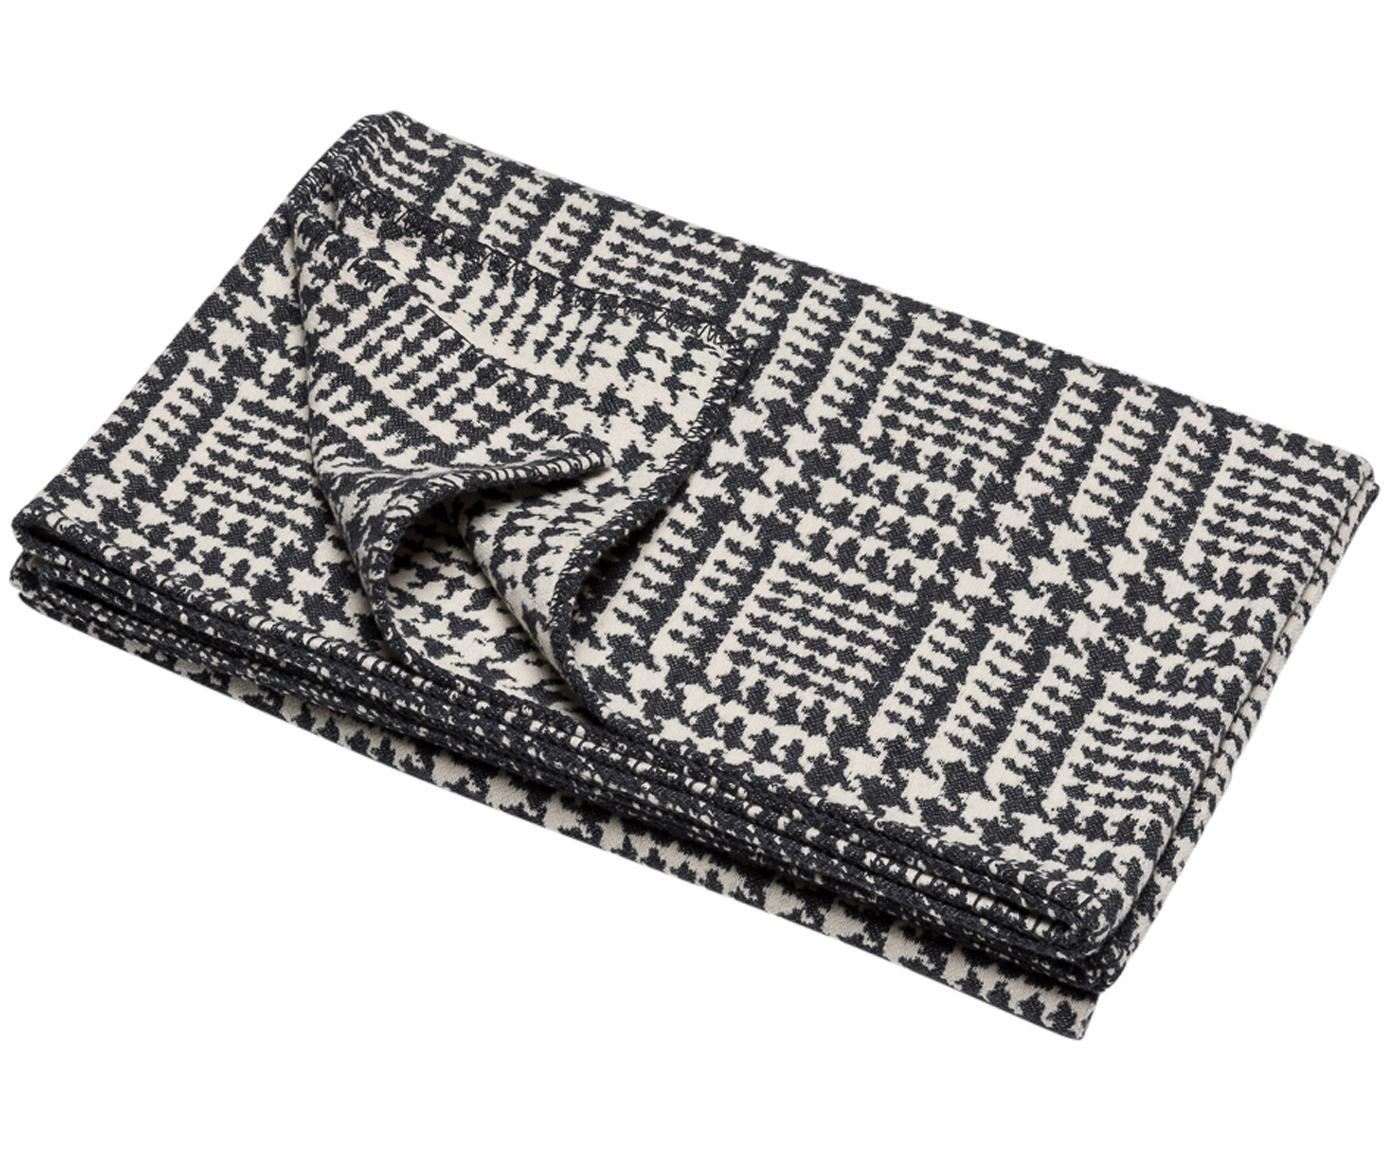 Plaid Glencheck mit Hahnentritt Muster, Bezug: 85% Baumwolle, 8% Viskose, schwarz weiß, 145 x 220 cm